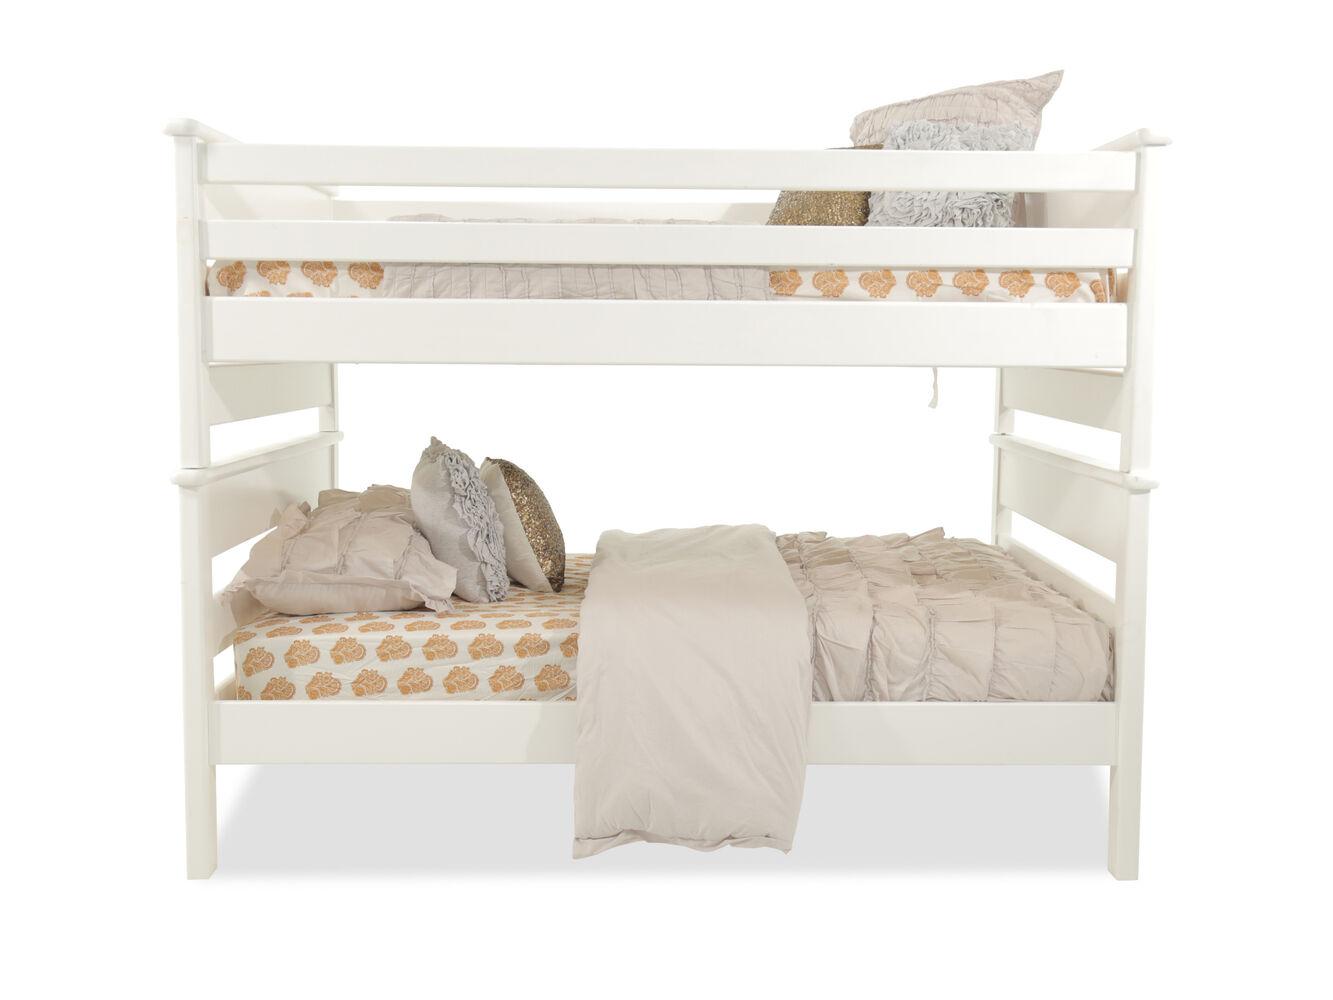 Trendwood Laguna White Full over Full Bunk Bed